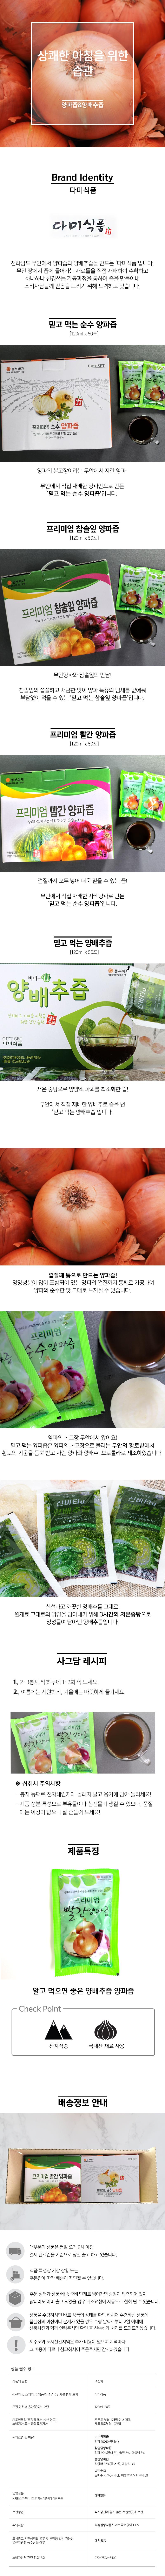 믿고 먹는 순수 양파즙, 양배추즙 - 테이스티푸드, 20,900원, 건강즙, 양배추